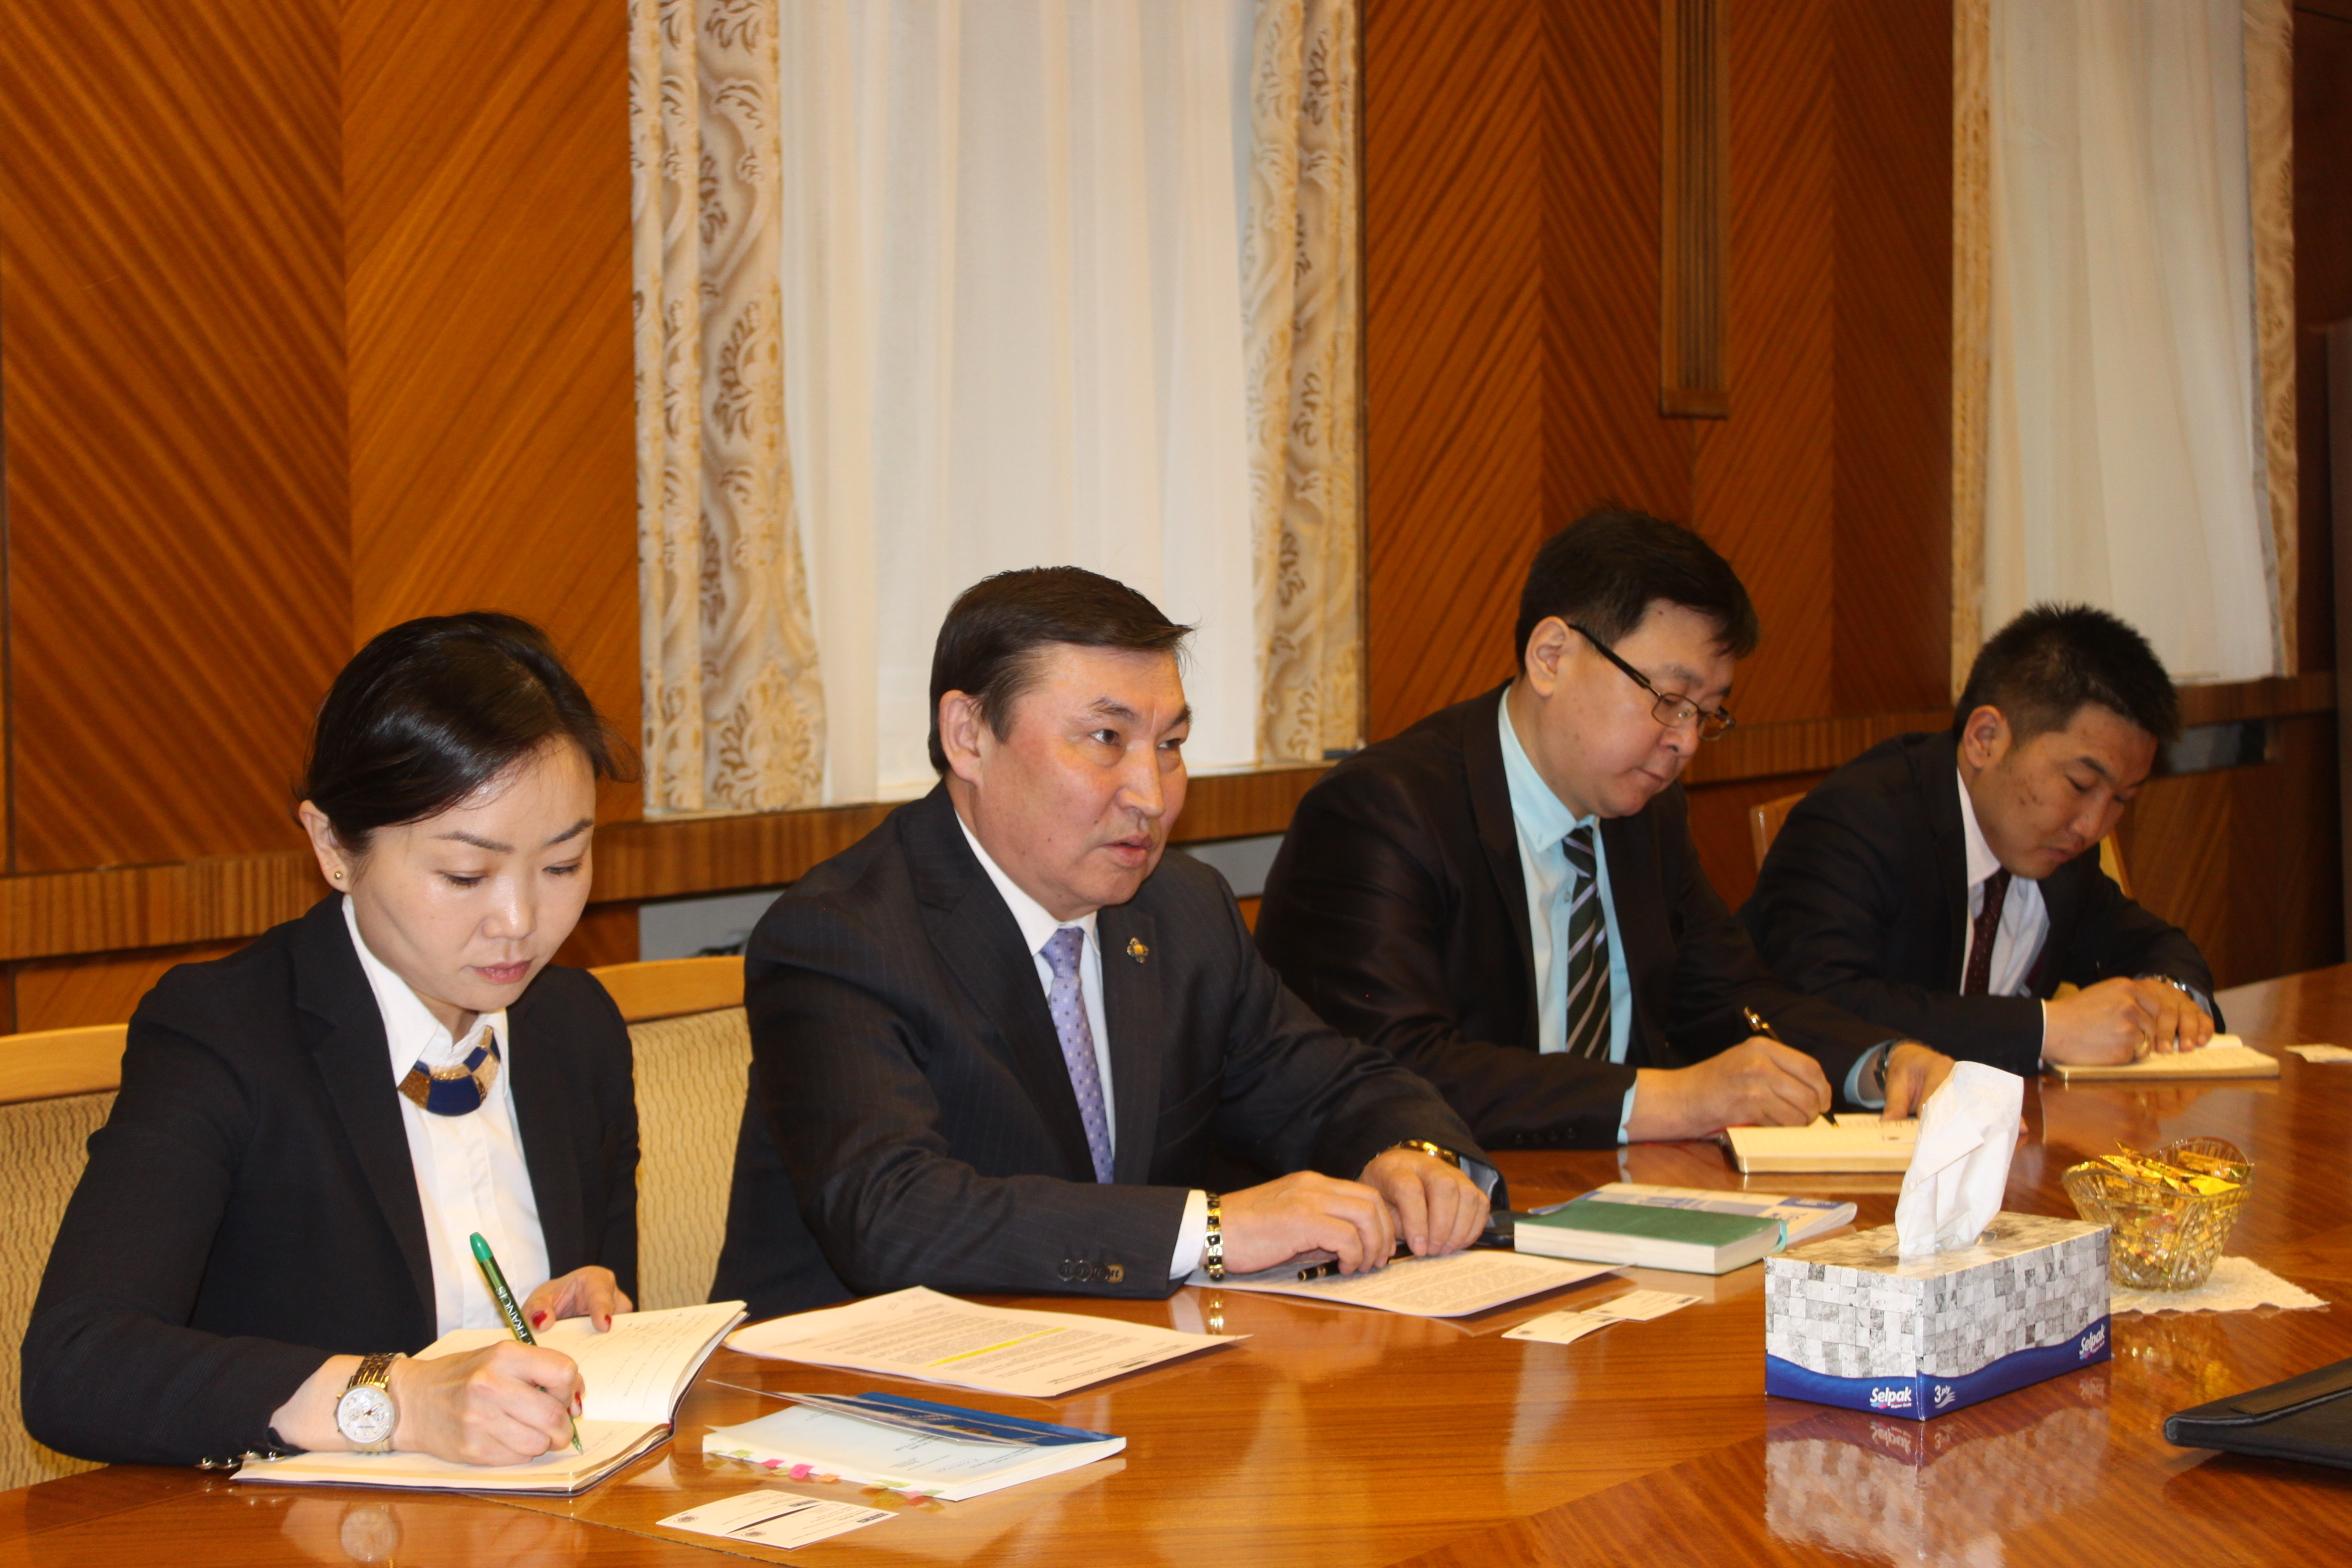 Байнгын хорооны дарга А.Бакей Монгол Улсын сонгуулийн тухай хуулийн талаар мэдээлэл өгөв